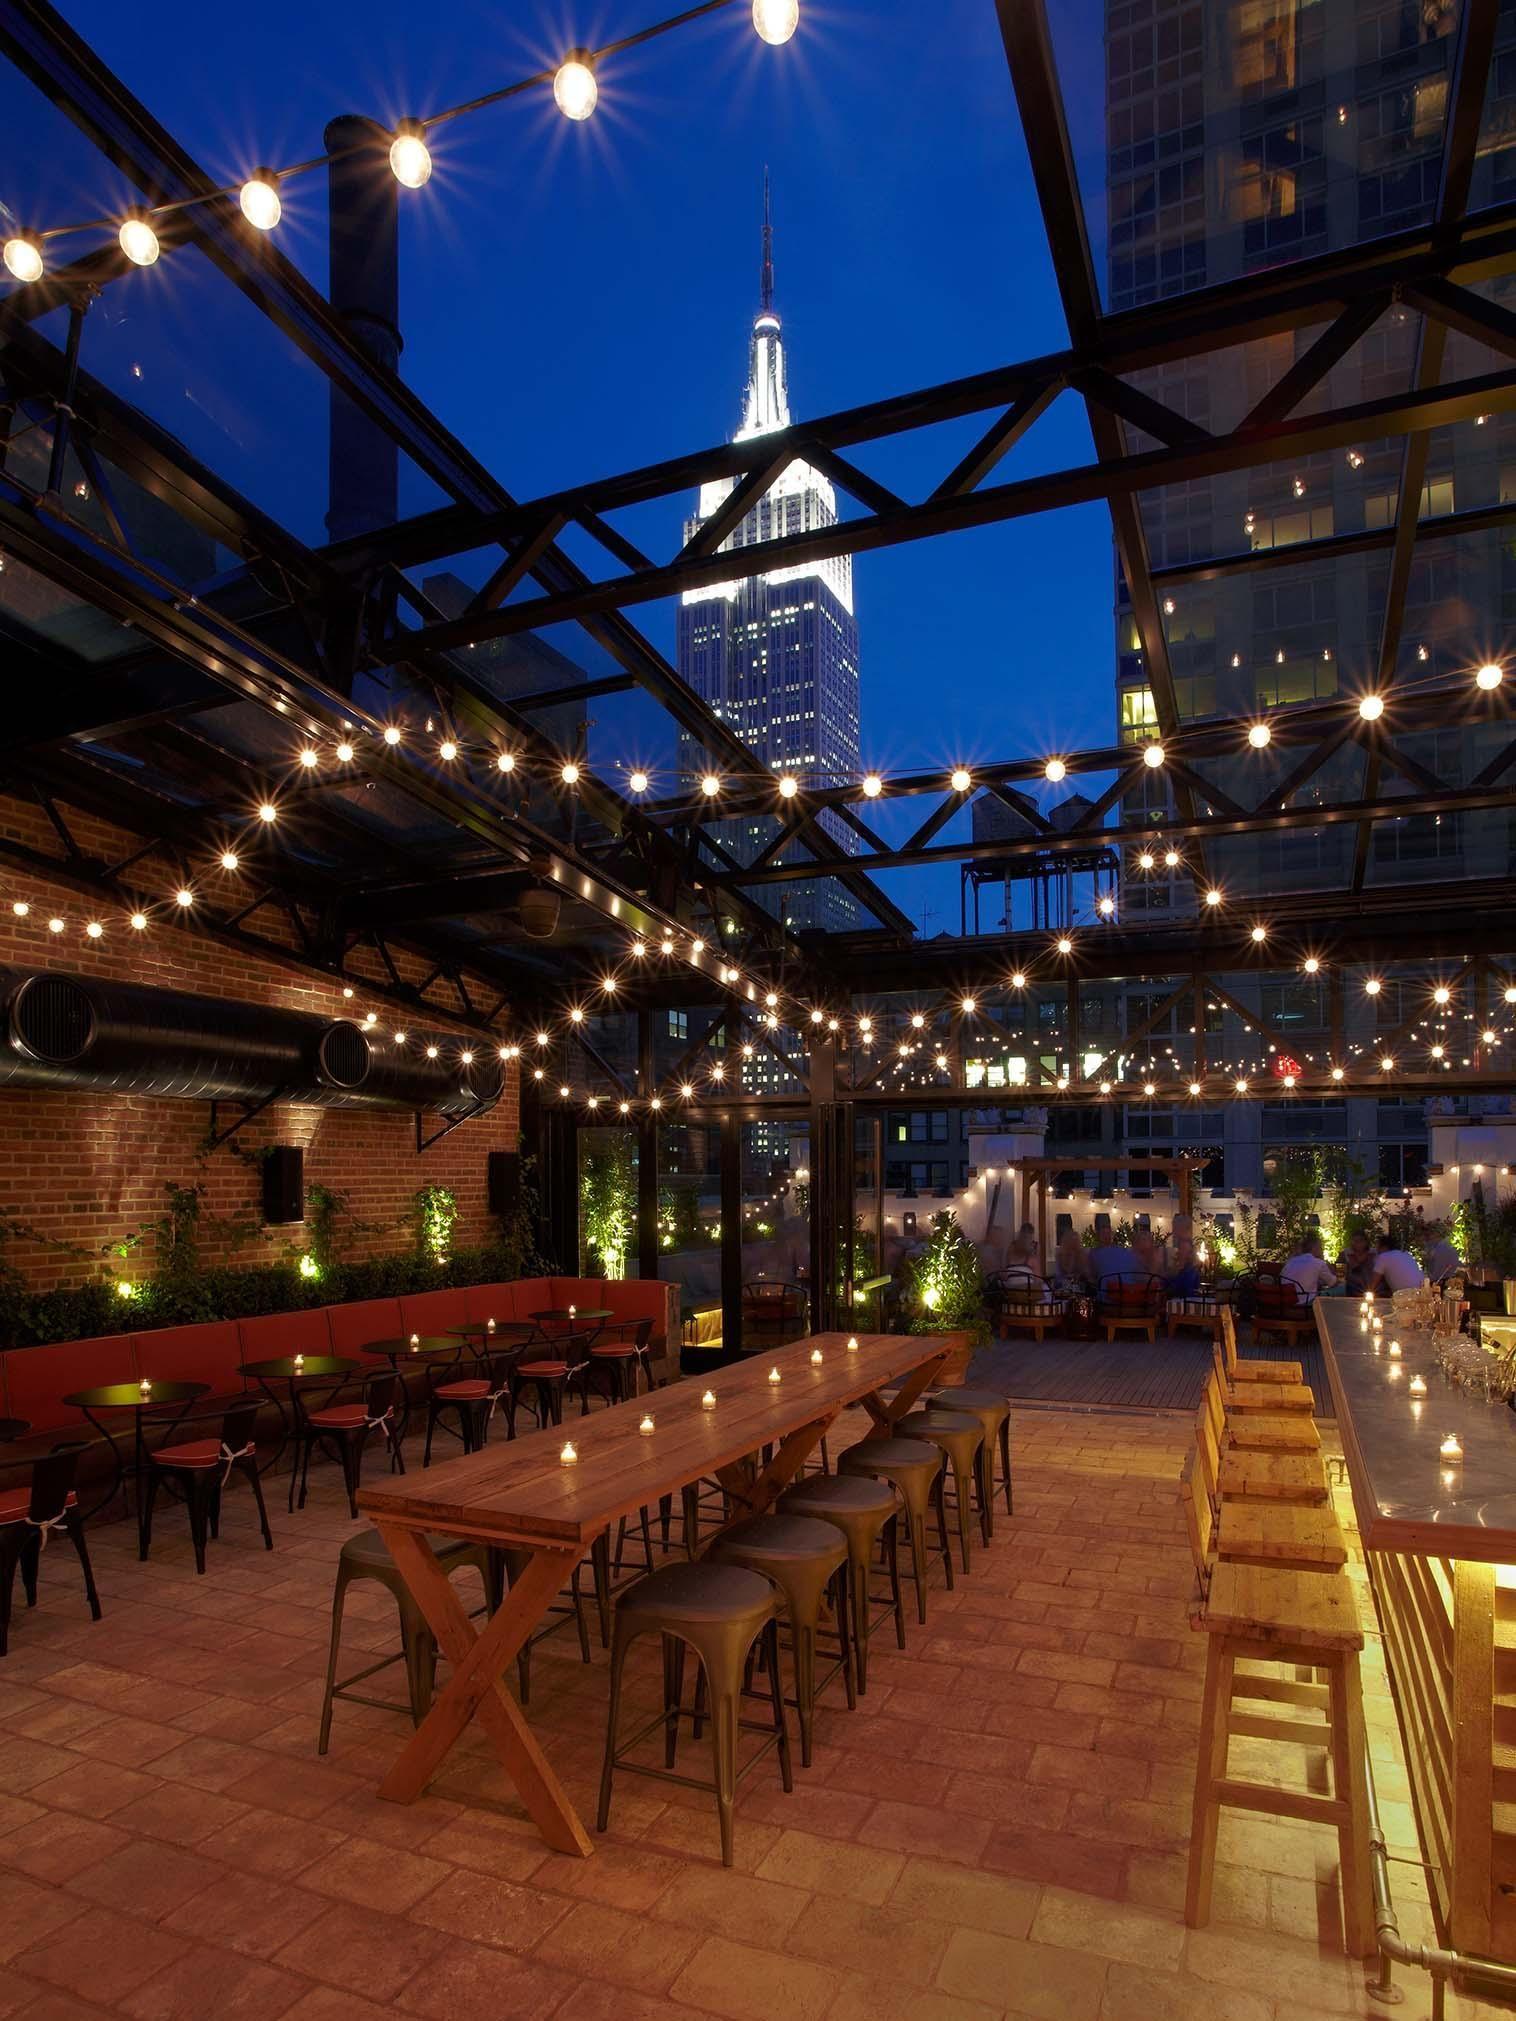 Best Rooftop Bars in NYC | Outdoor restaurant patio ...